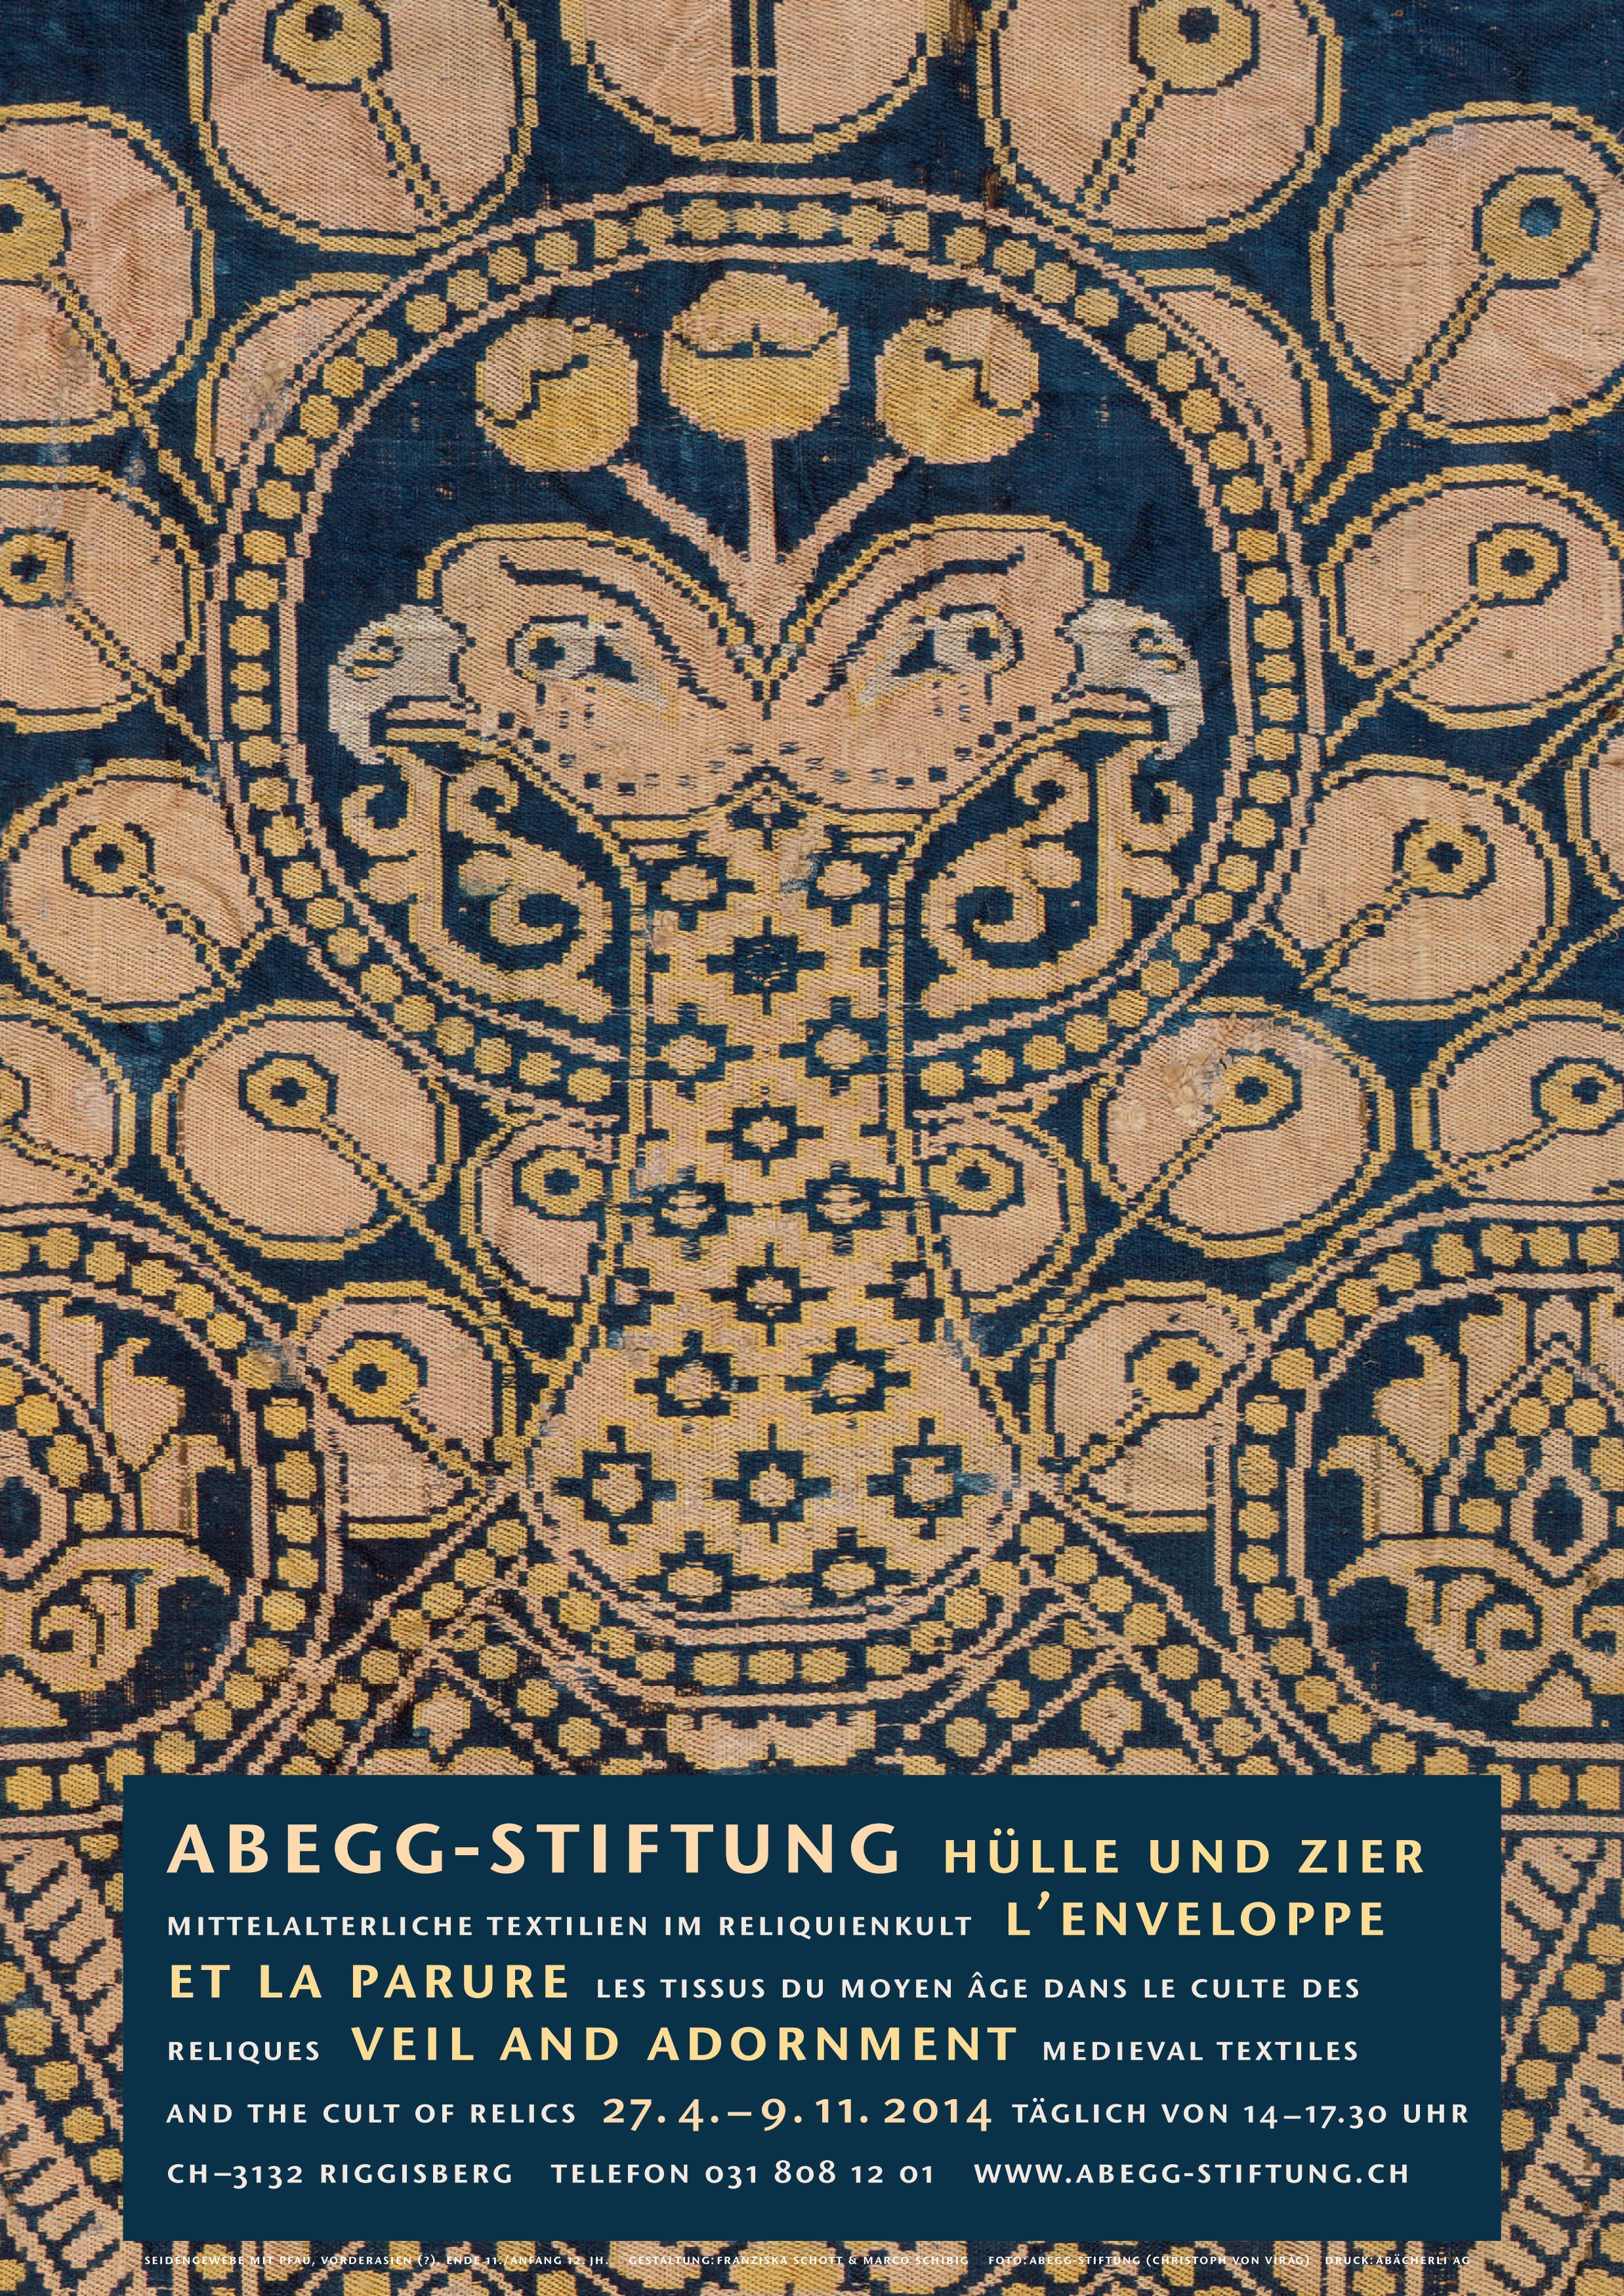 Albert Hammond - Songbook Tour 2020 - Rubigen - Guidle